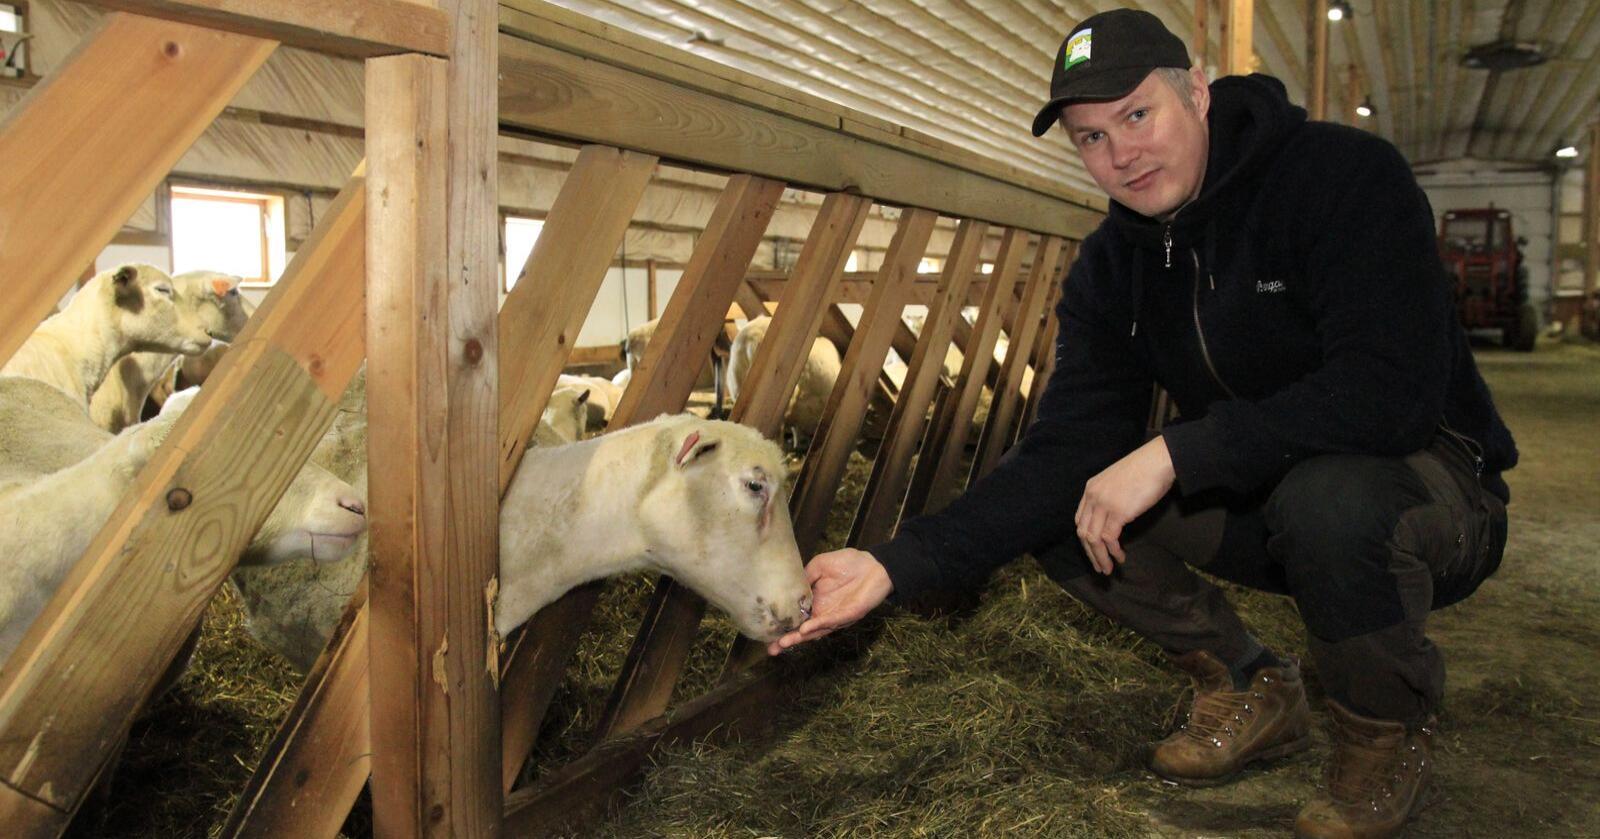 Ingvald Landet er 13. generasjon på gården i Østerdalen. Nå har Bondelaget laget tre filmer om sauebonden. (Foto: Morten Berntsen, NLR)